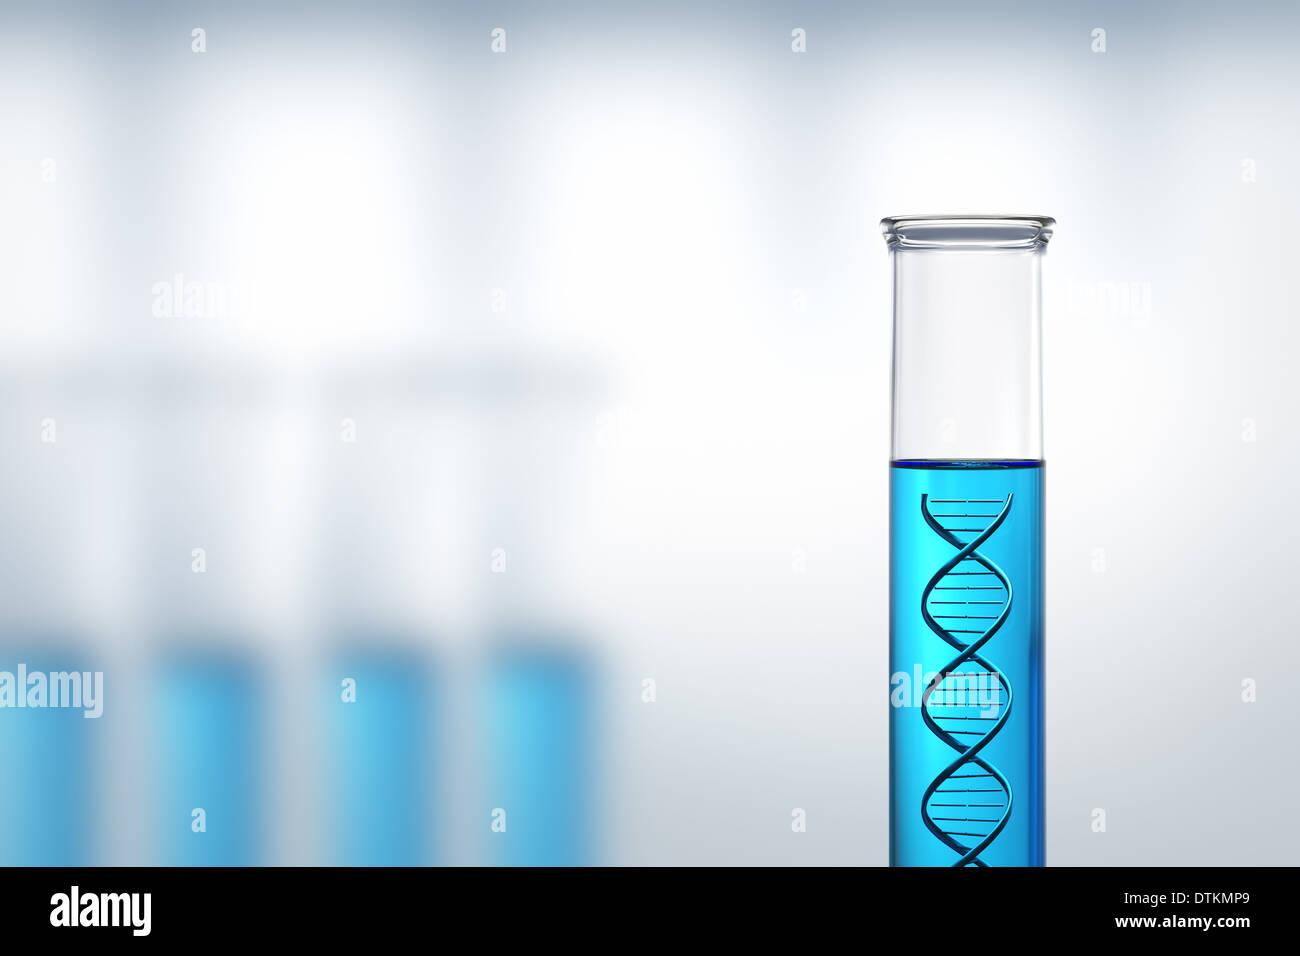 Concettuale - Ricerca di DNA o di test in un laboratorio Immagini Stock